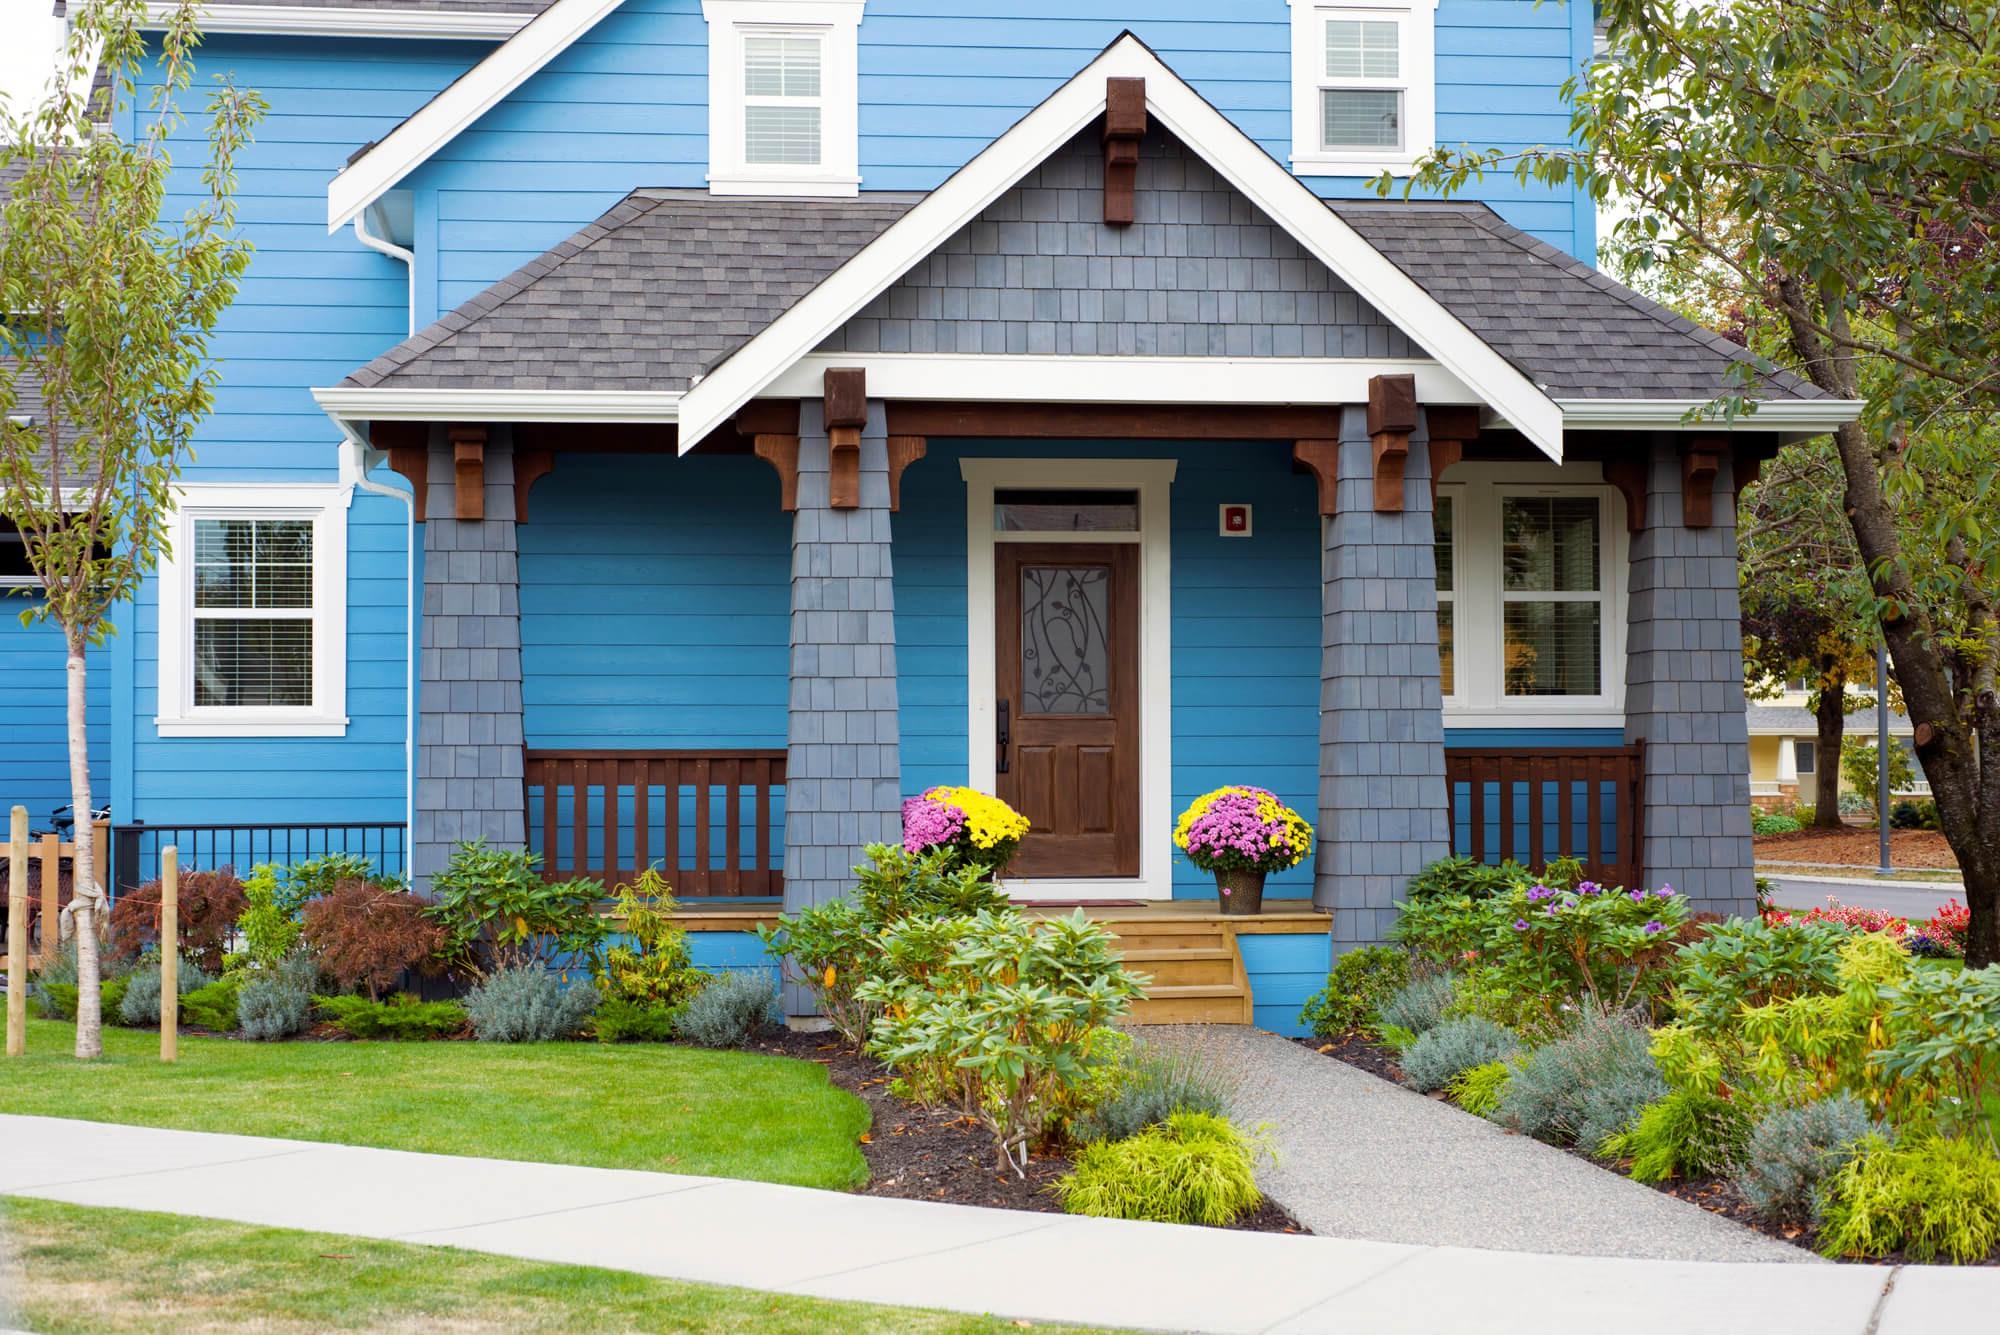 Créez un contraste en choisissant une porte de couleur différente de celle de votre maison.